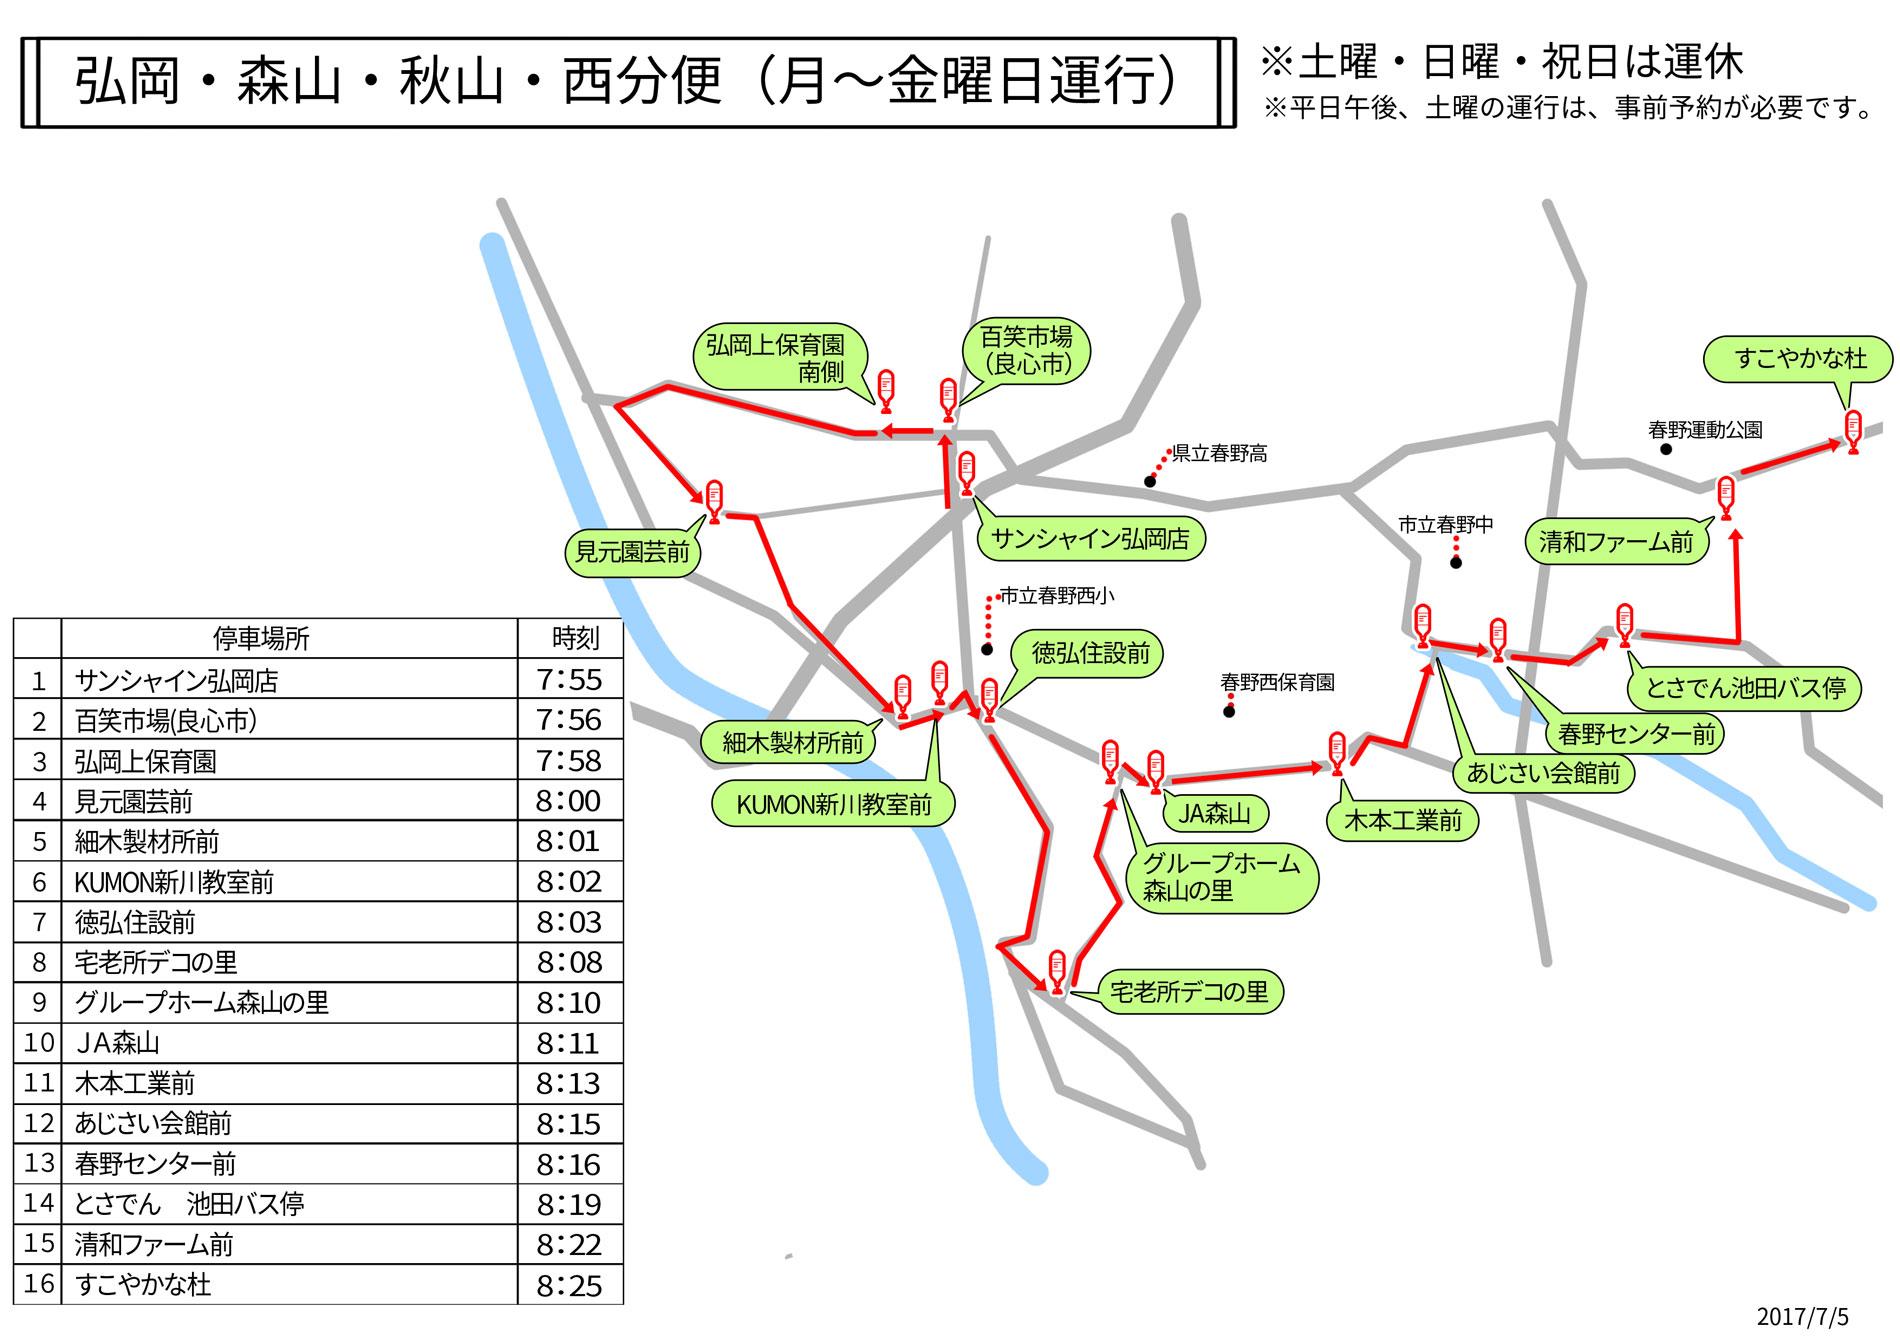 弘岡/森山/秋山/西分線